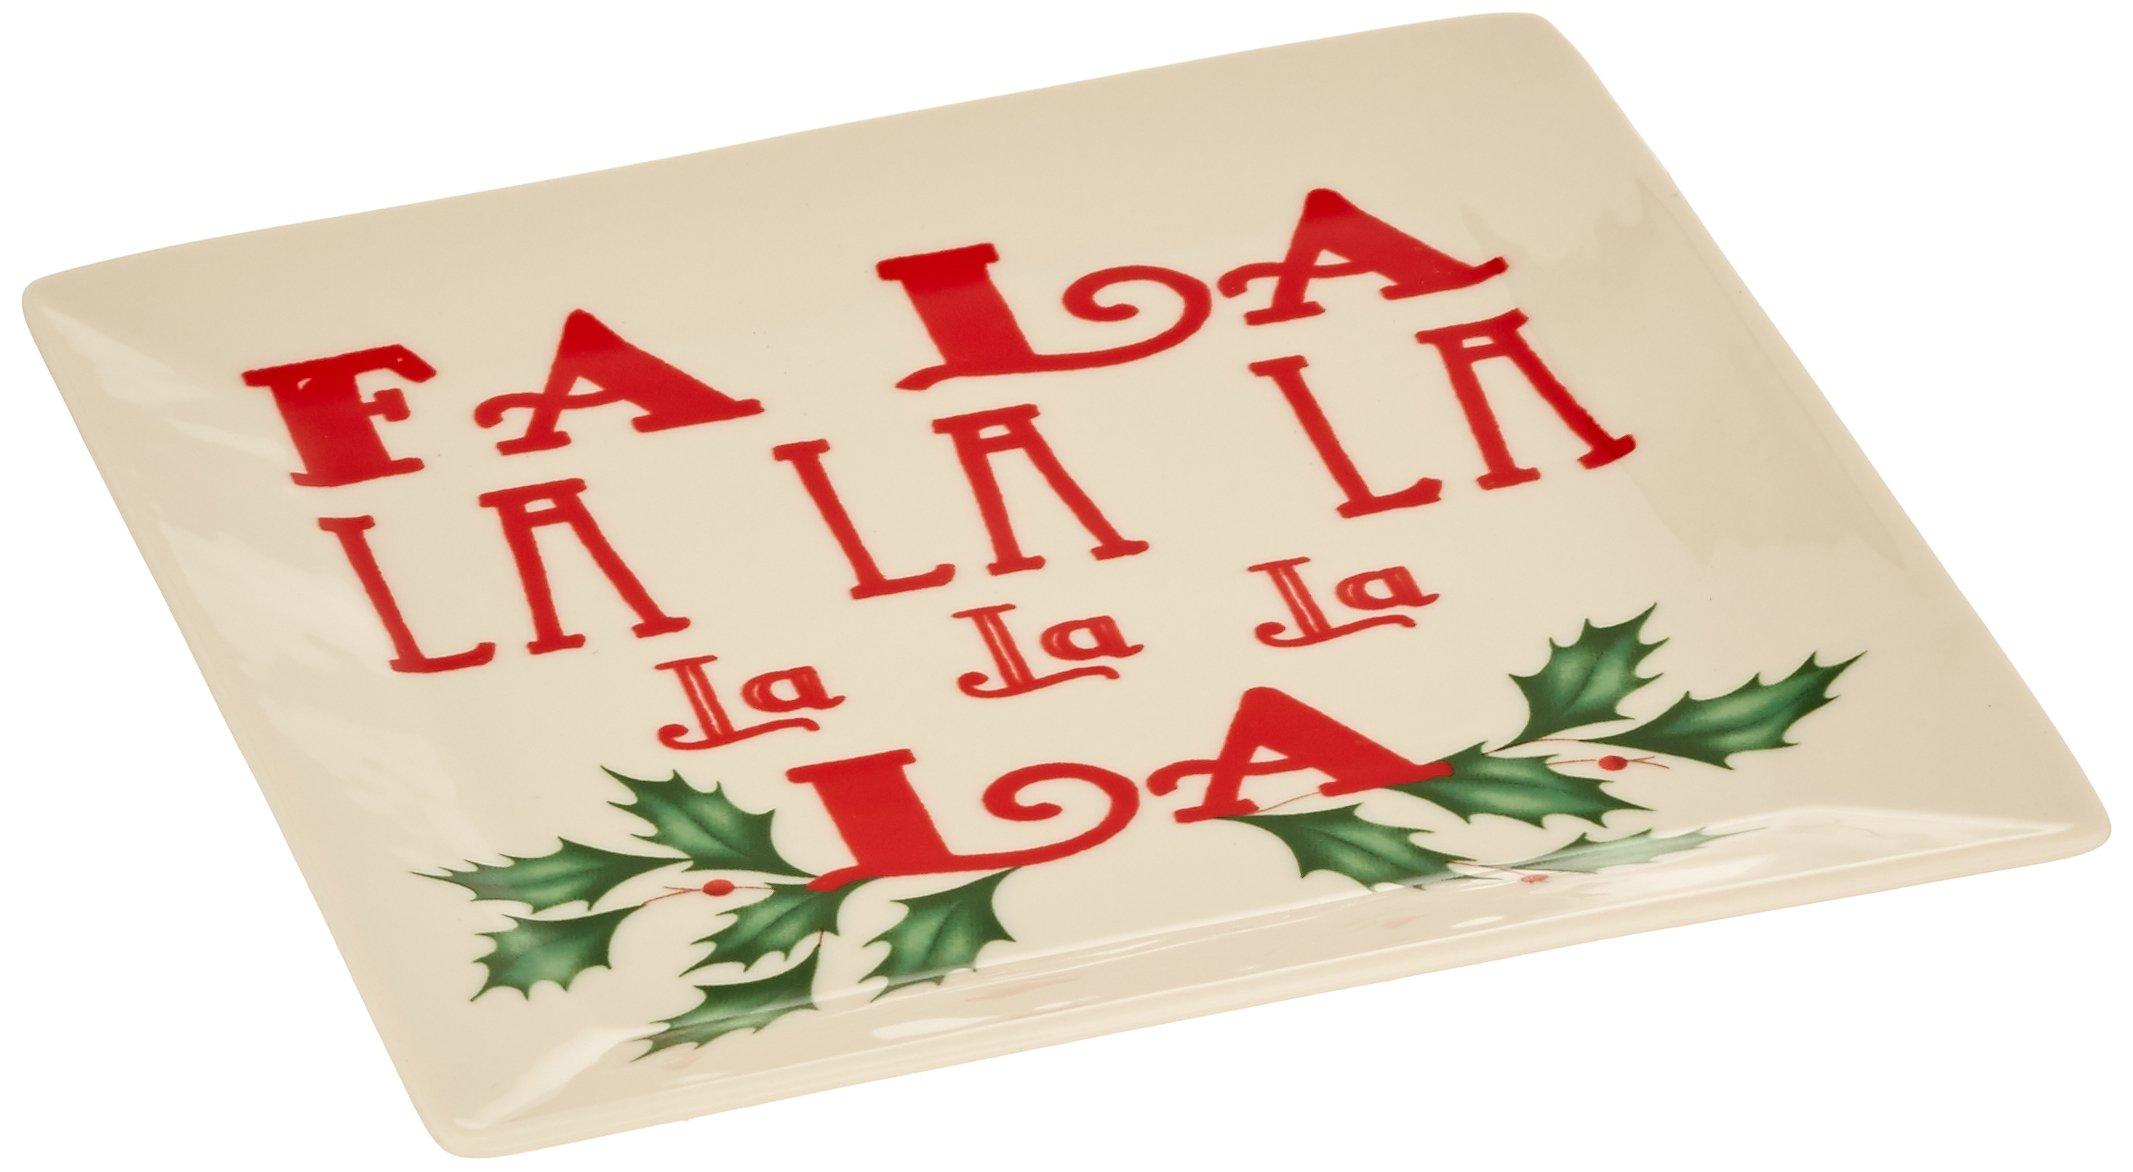 Lenox Square Tidbit Plate, Fa La La La La